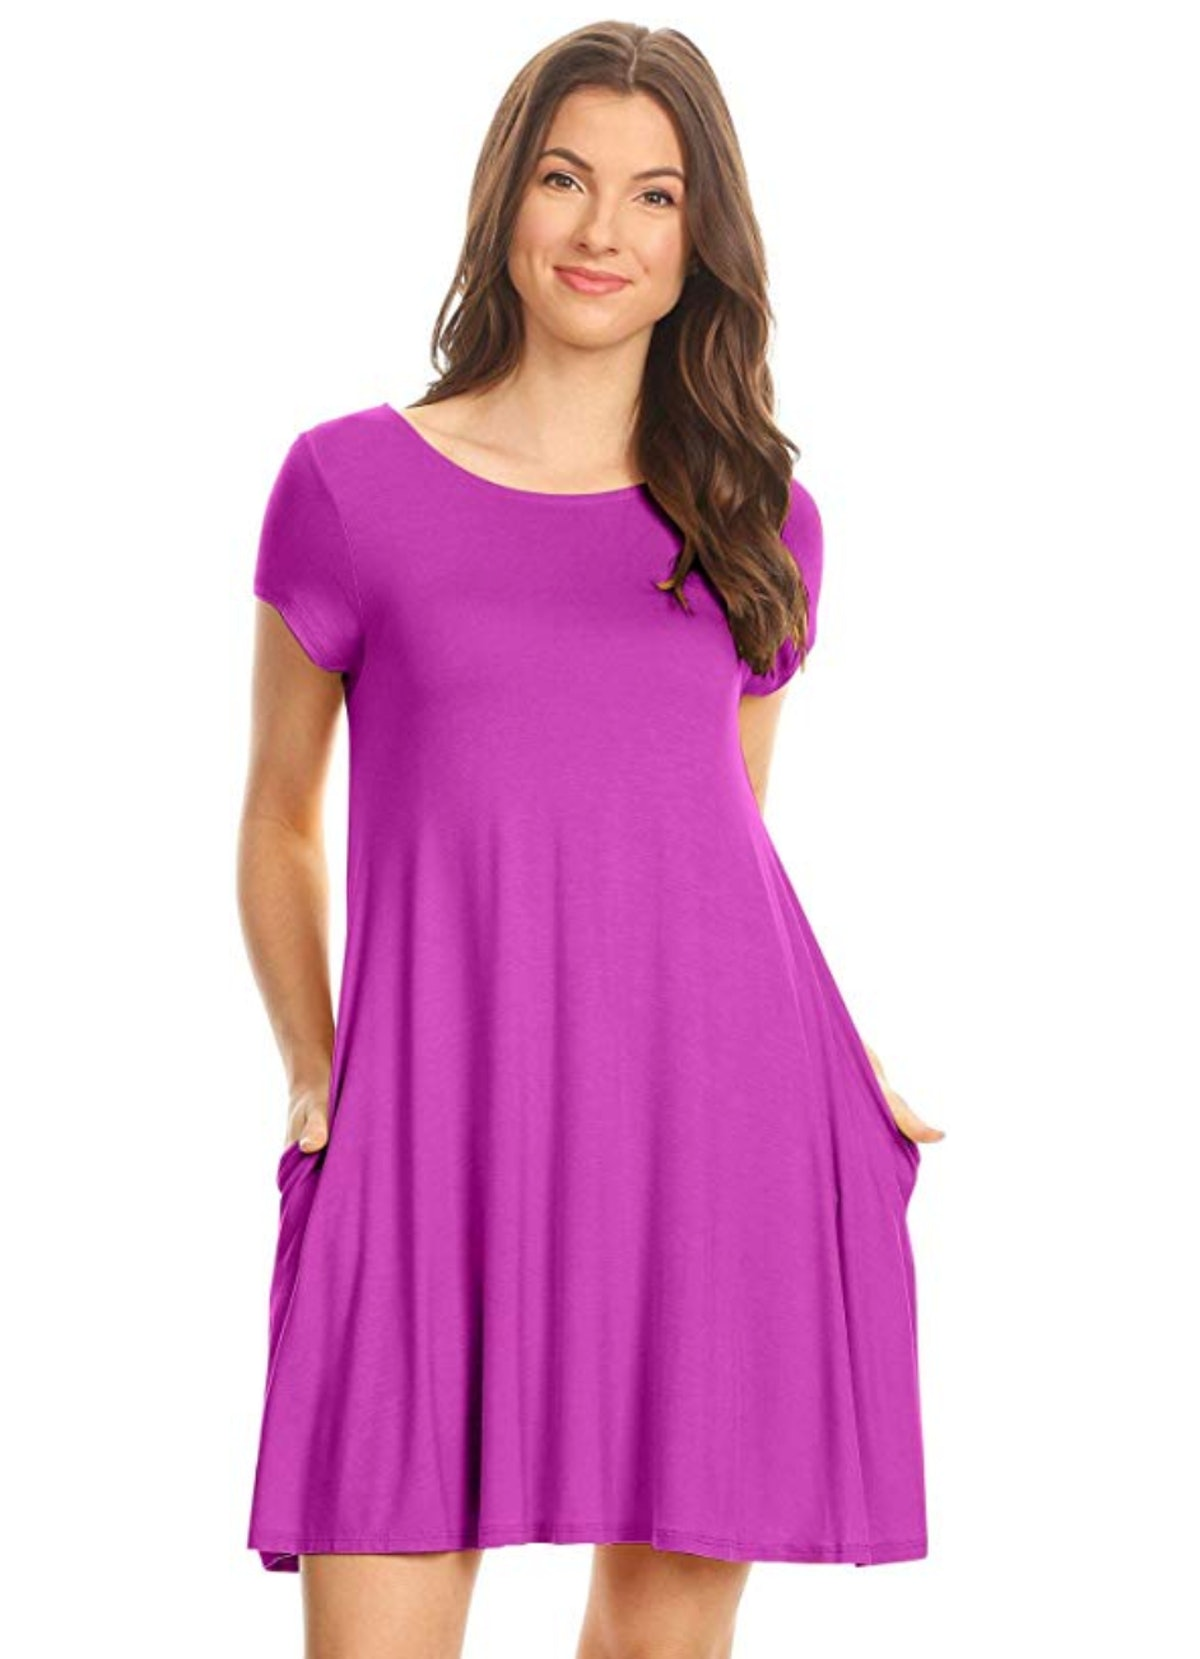 Simlu Casual T Shirt Dress for Women